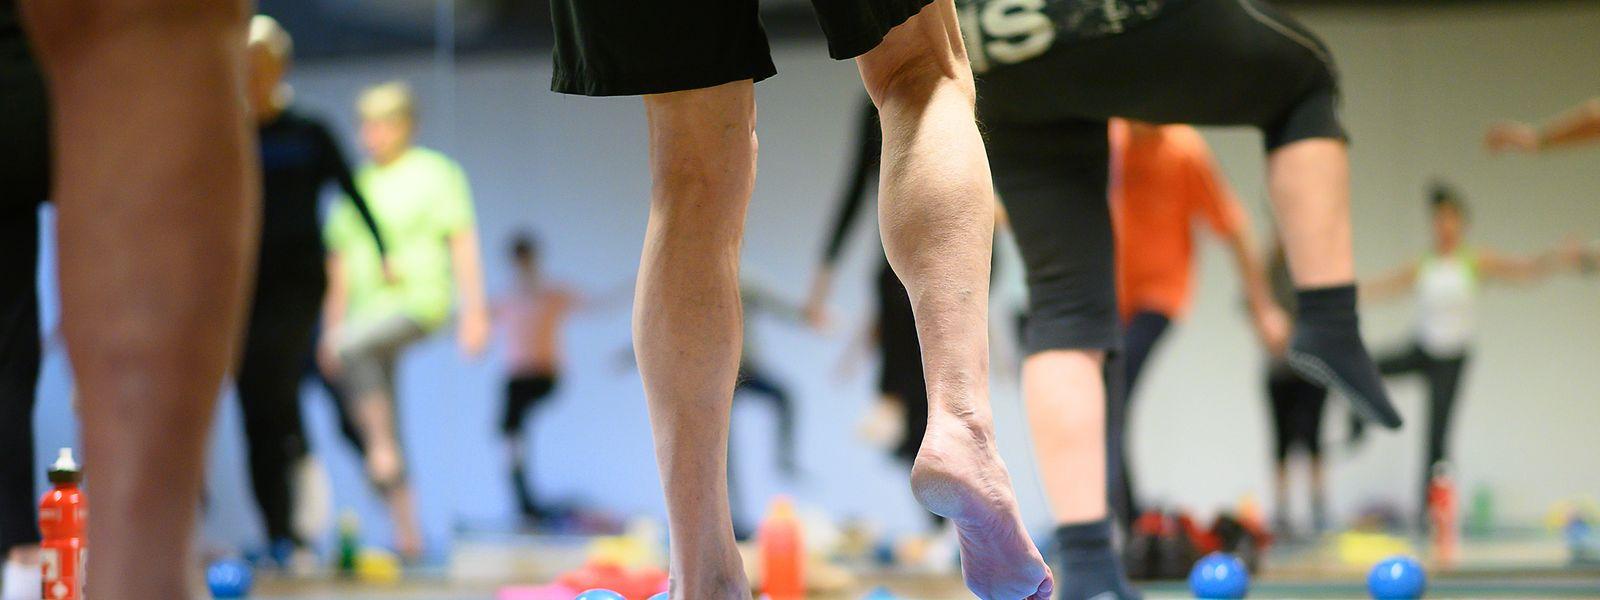 Hoch das Bein! Bewegung ist gut für Herz und Gelenke. Ob ein Sport geeignet ist, klärt man mit dem Hausarzt ab.